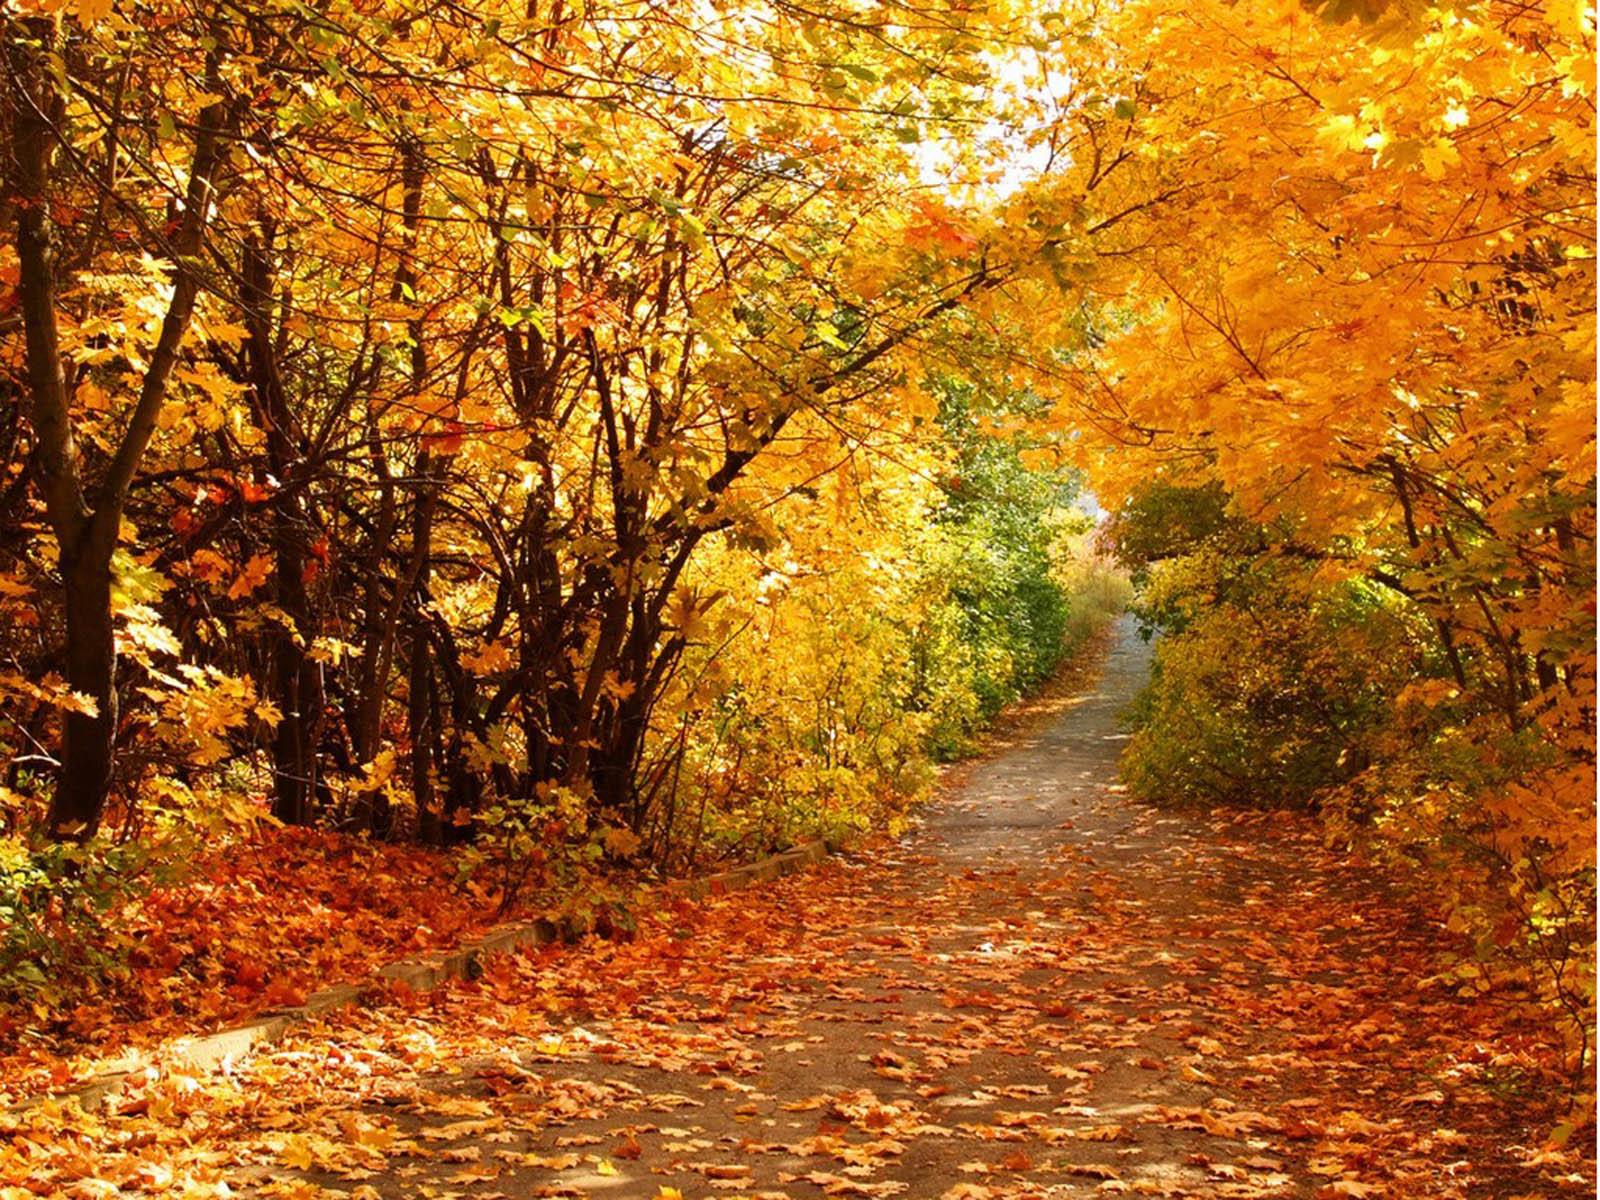 76 ] Fall Scenes Wallpaper On WallpaperSafari